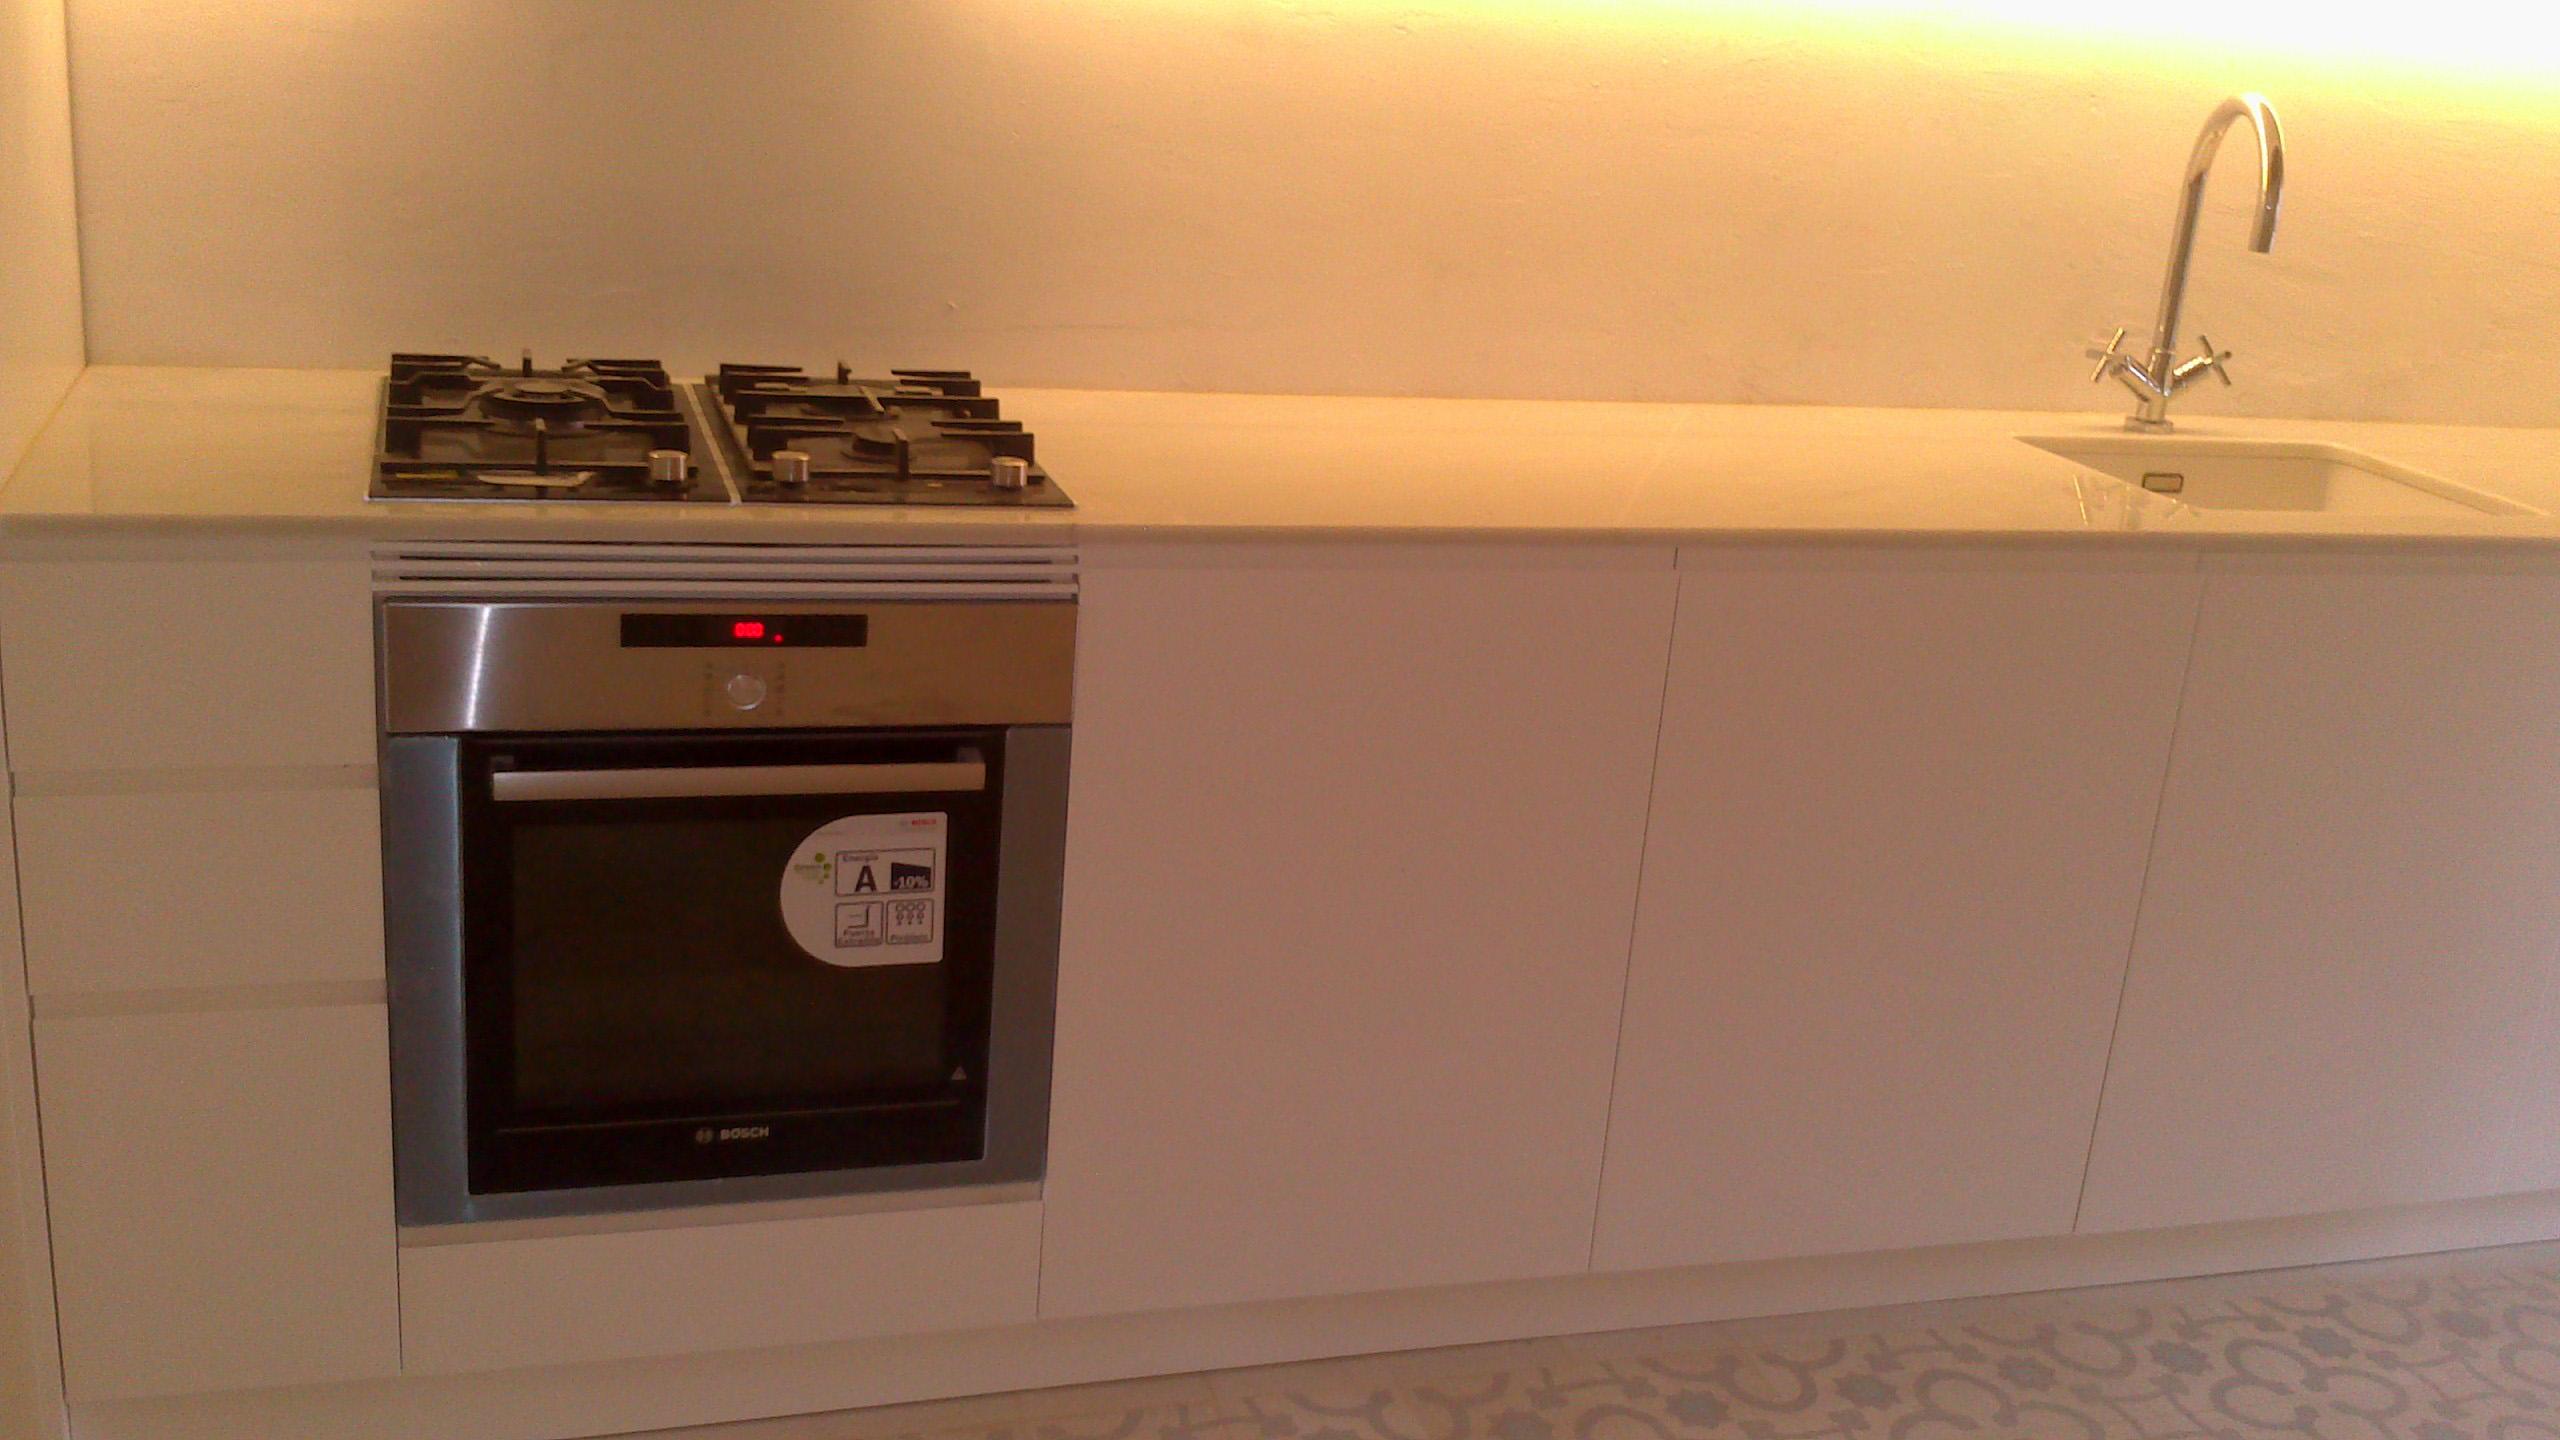 Cocina y lavadero lacados en blanco satinado mb concept for Unir cocina y lavadero